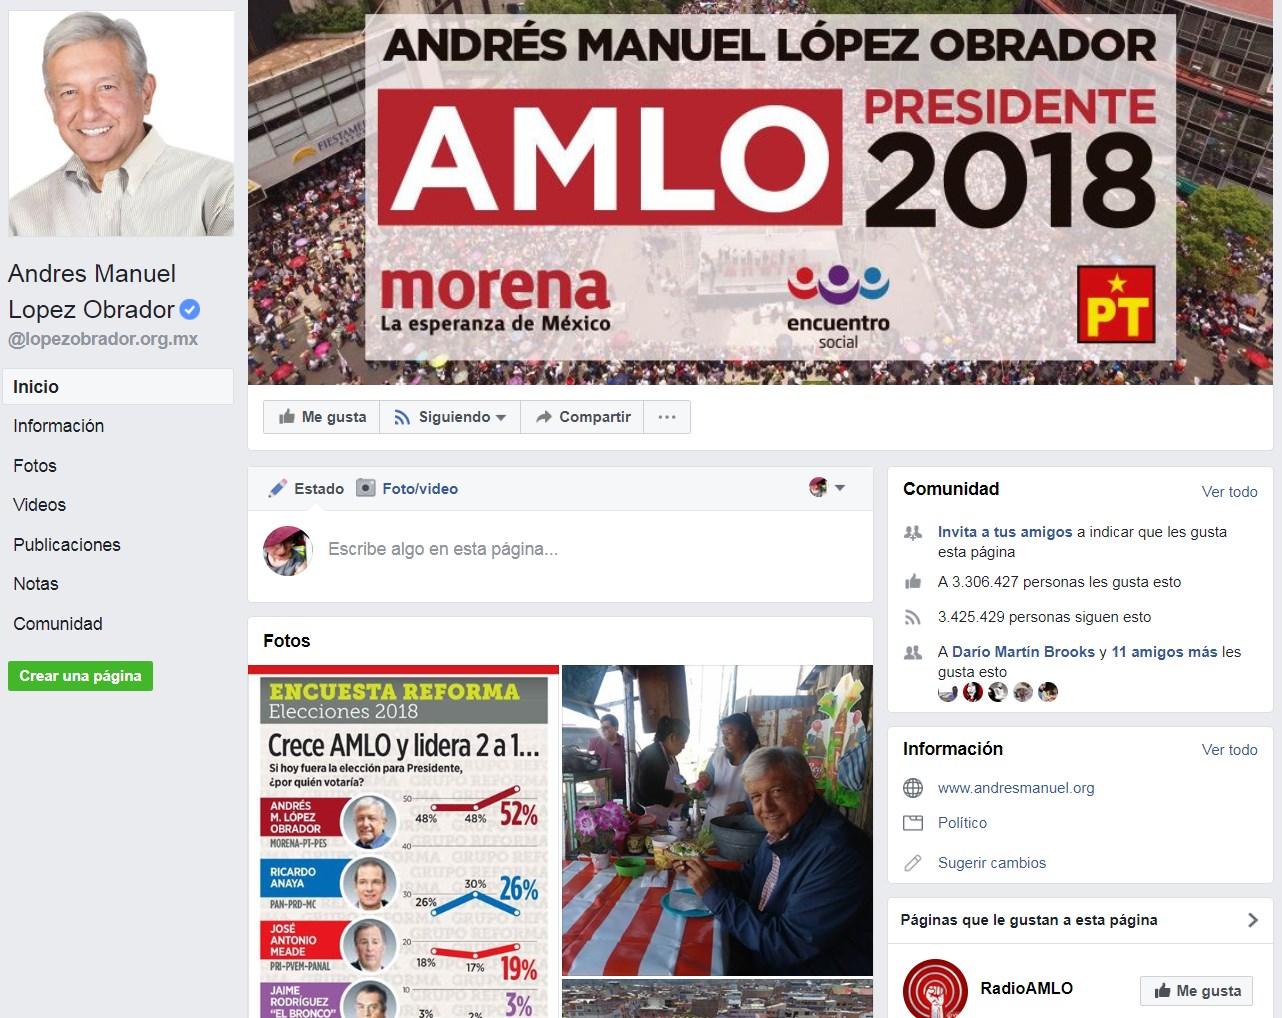 La página del candidato de la coalición Juntos Haremos Historia, López Obrador, solo tenía destacado...